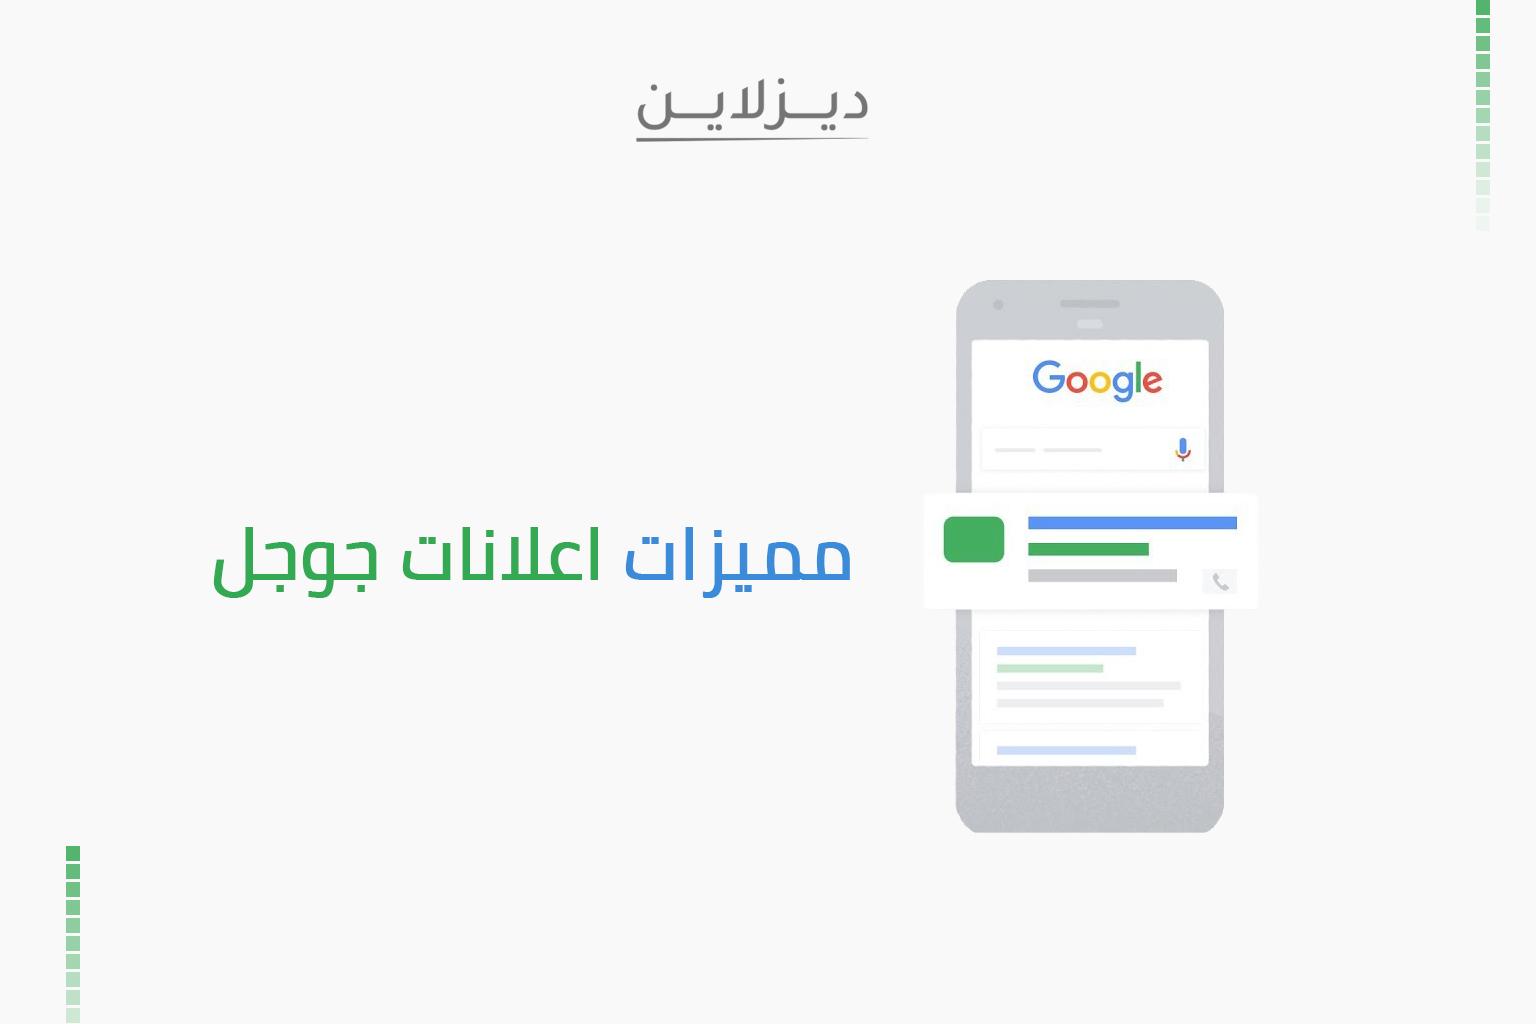 مميزات اعلانات جوجل